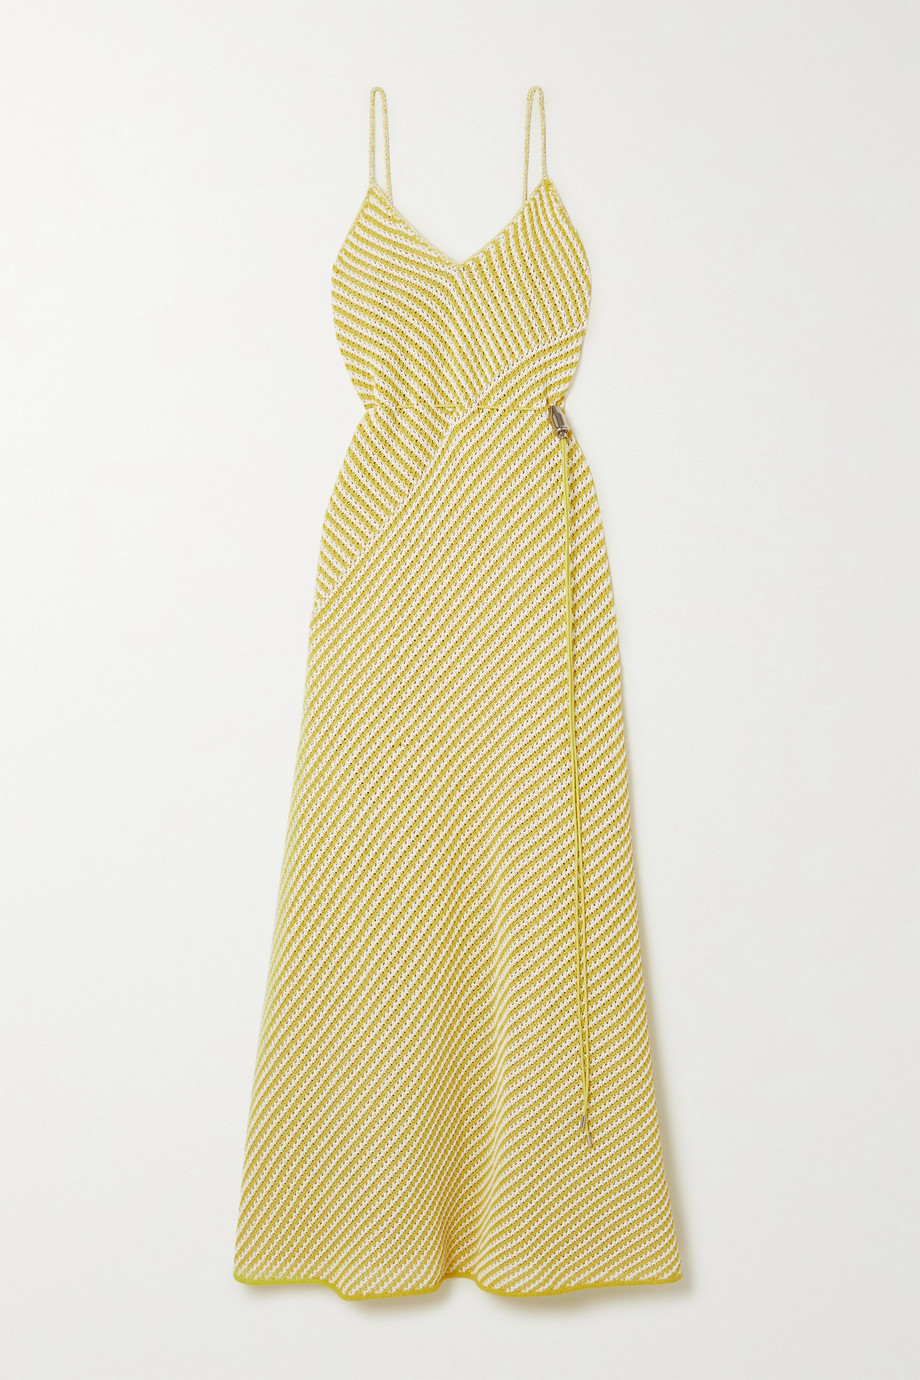 Bottega Veneta Gestreiftes Maxikleid aus einer Baumwollmischung in Lochstrick